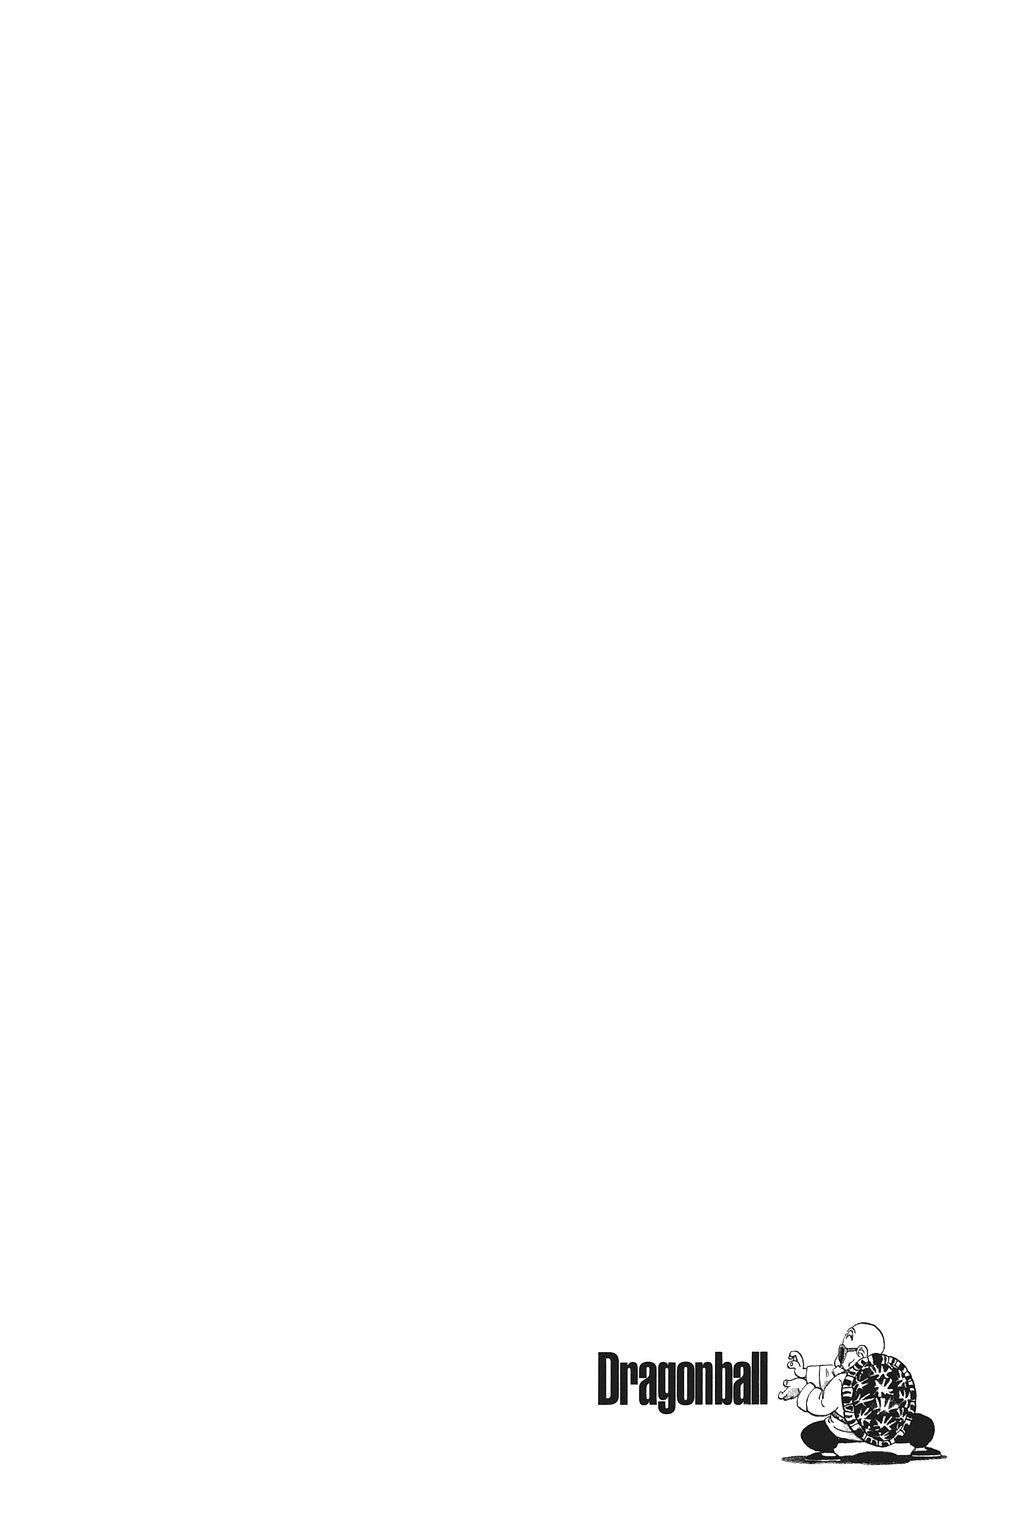 xem truyen moi - Dragon Ball Bản Vip - Bản Đẹp Nguyên Gốc Chap 424